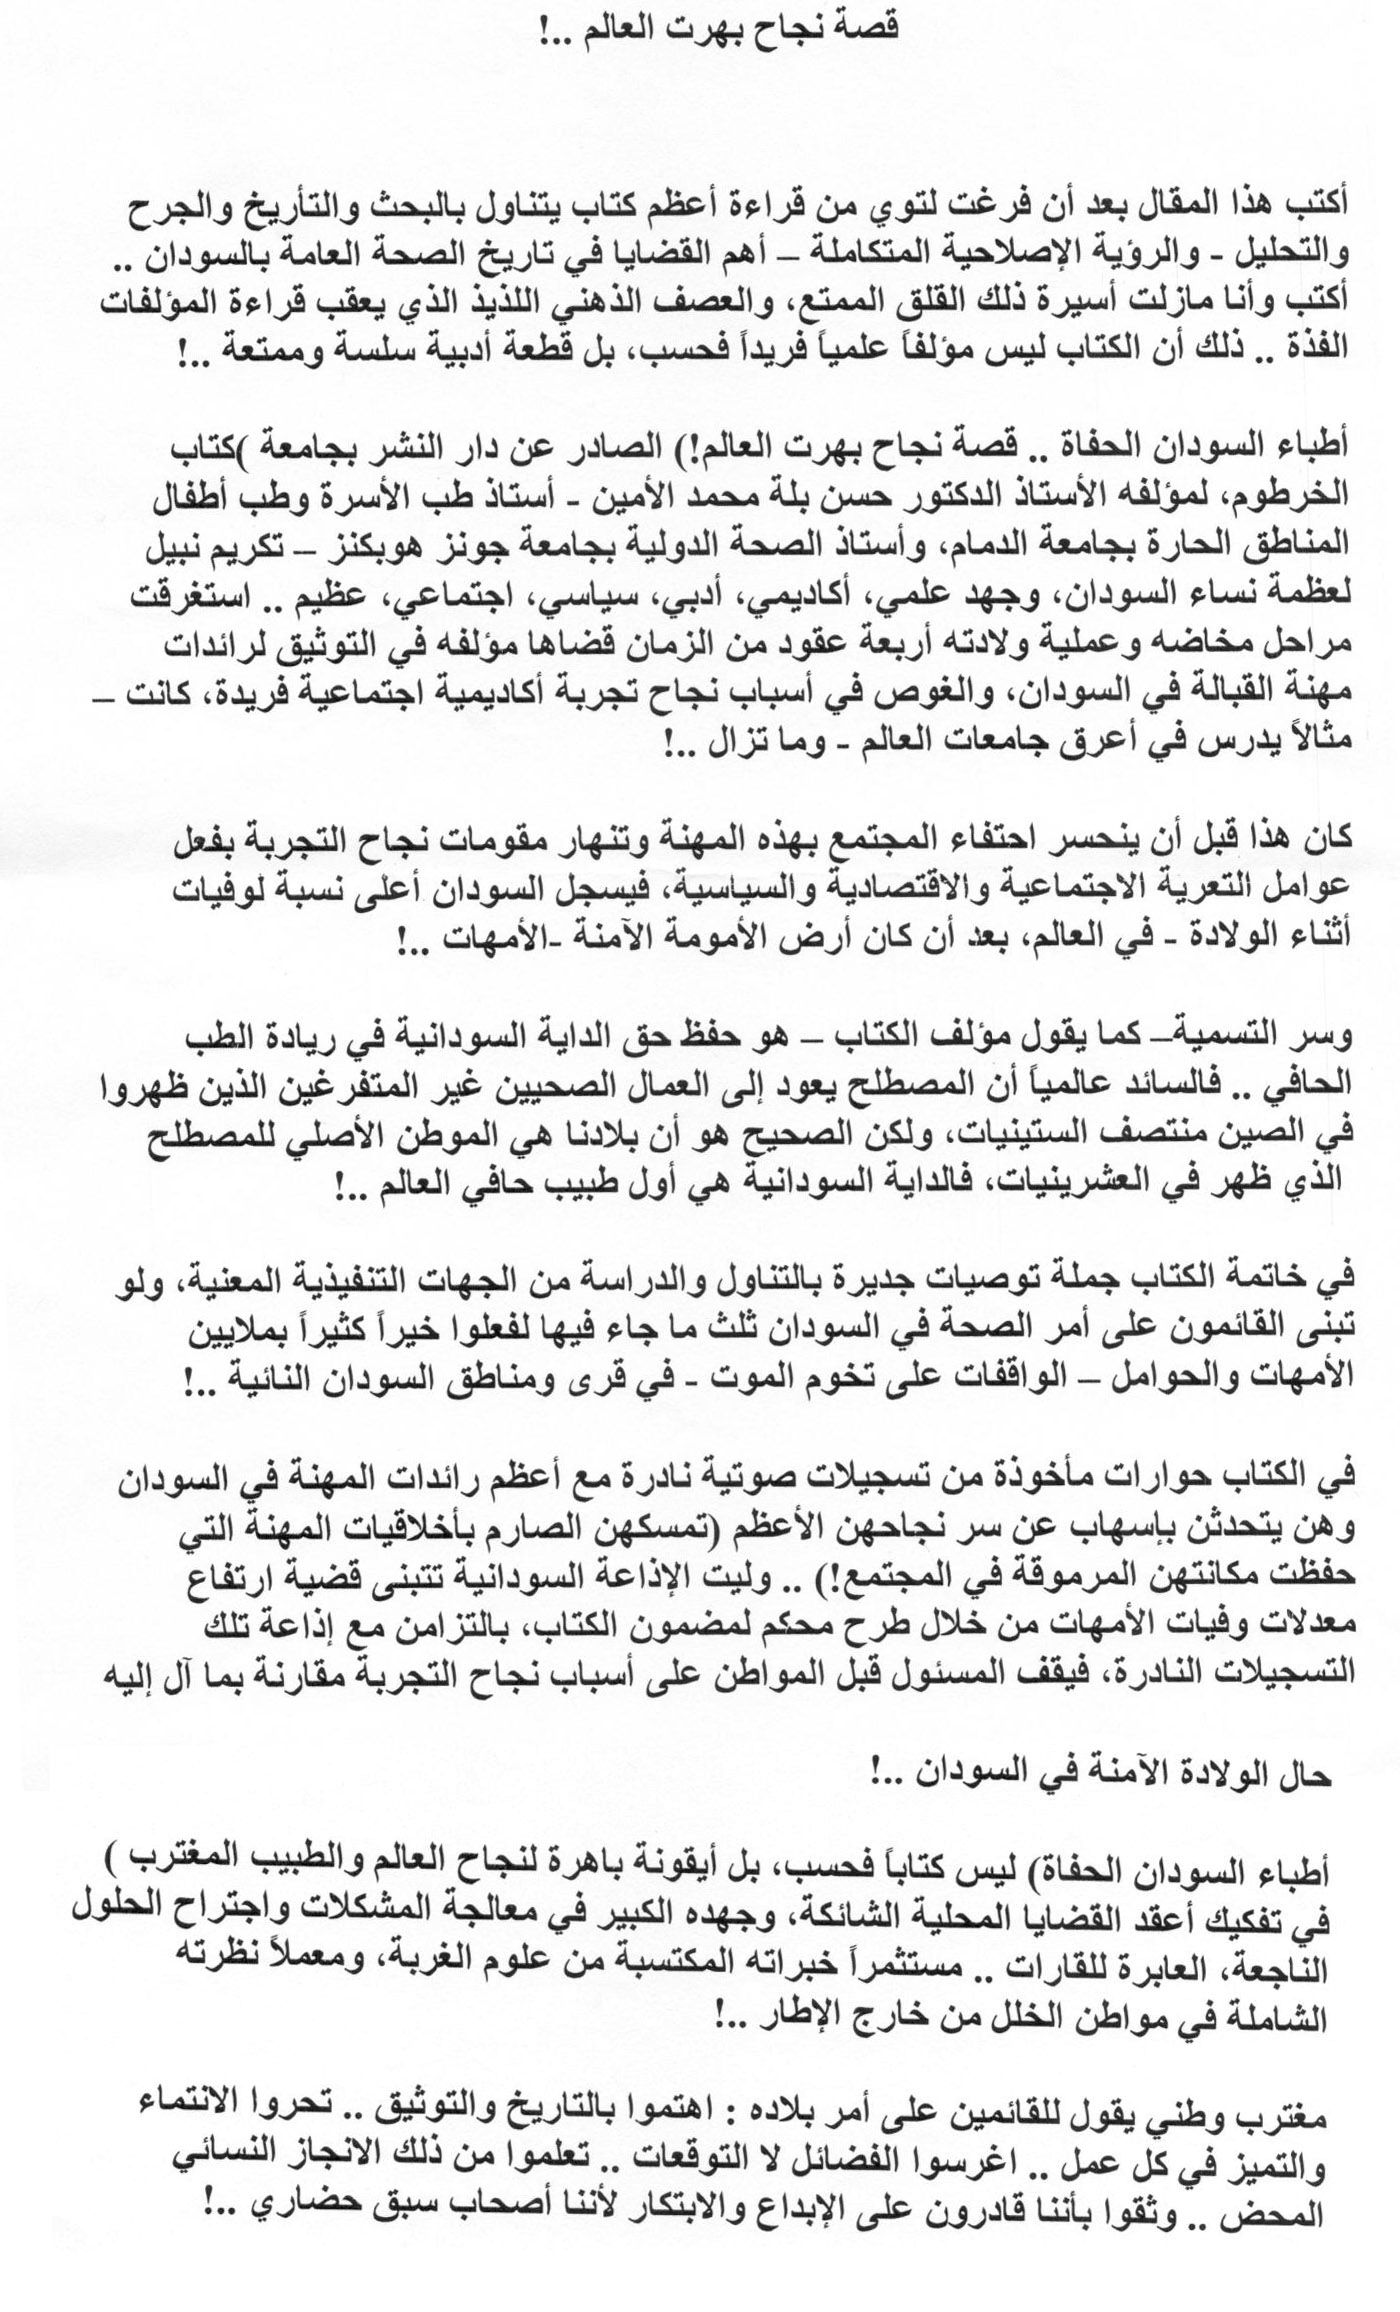 يا ناس واشنطن ما تفوتكم ندوة قصة نجاح سودانية بهرت العالم Math Math Equations Sudan